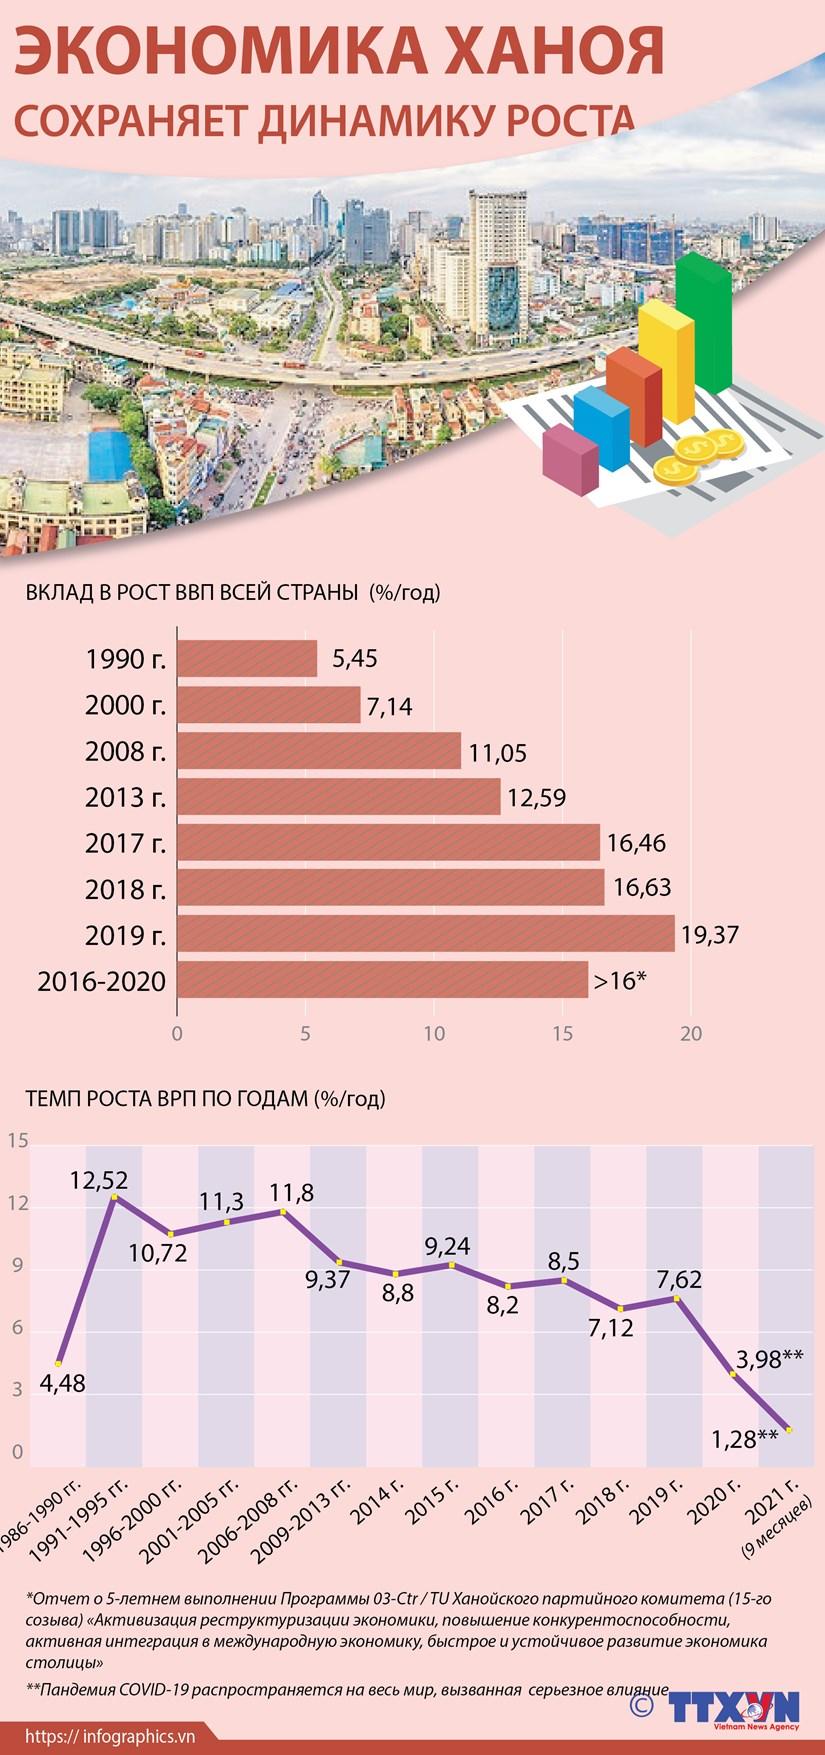 Экономика Ханоя сохраняет динамику роста hinh anh 1